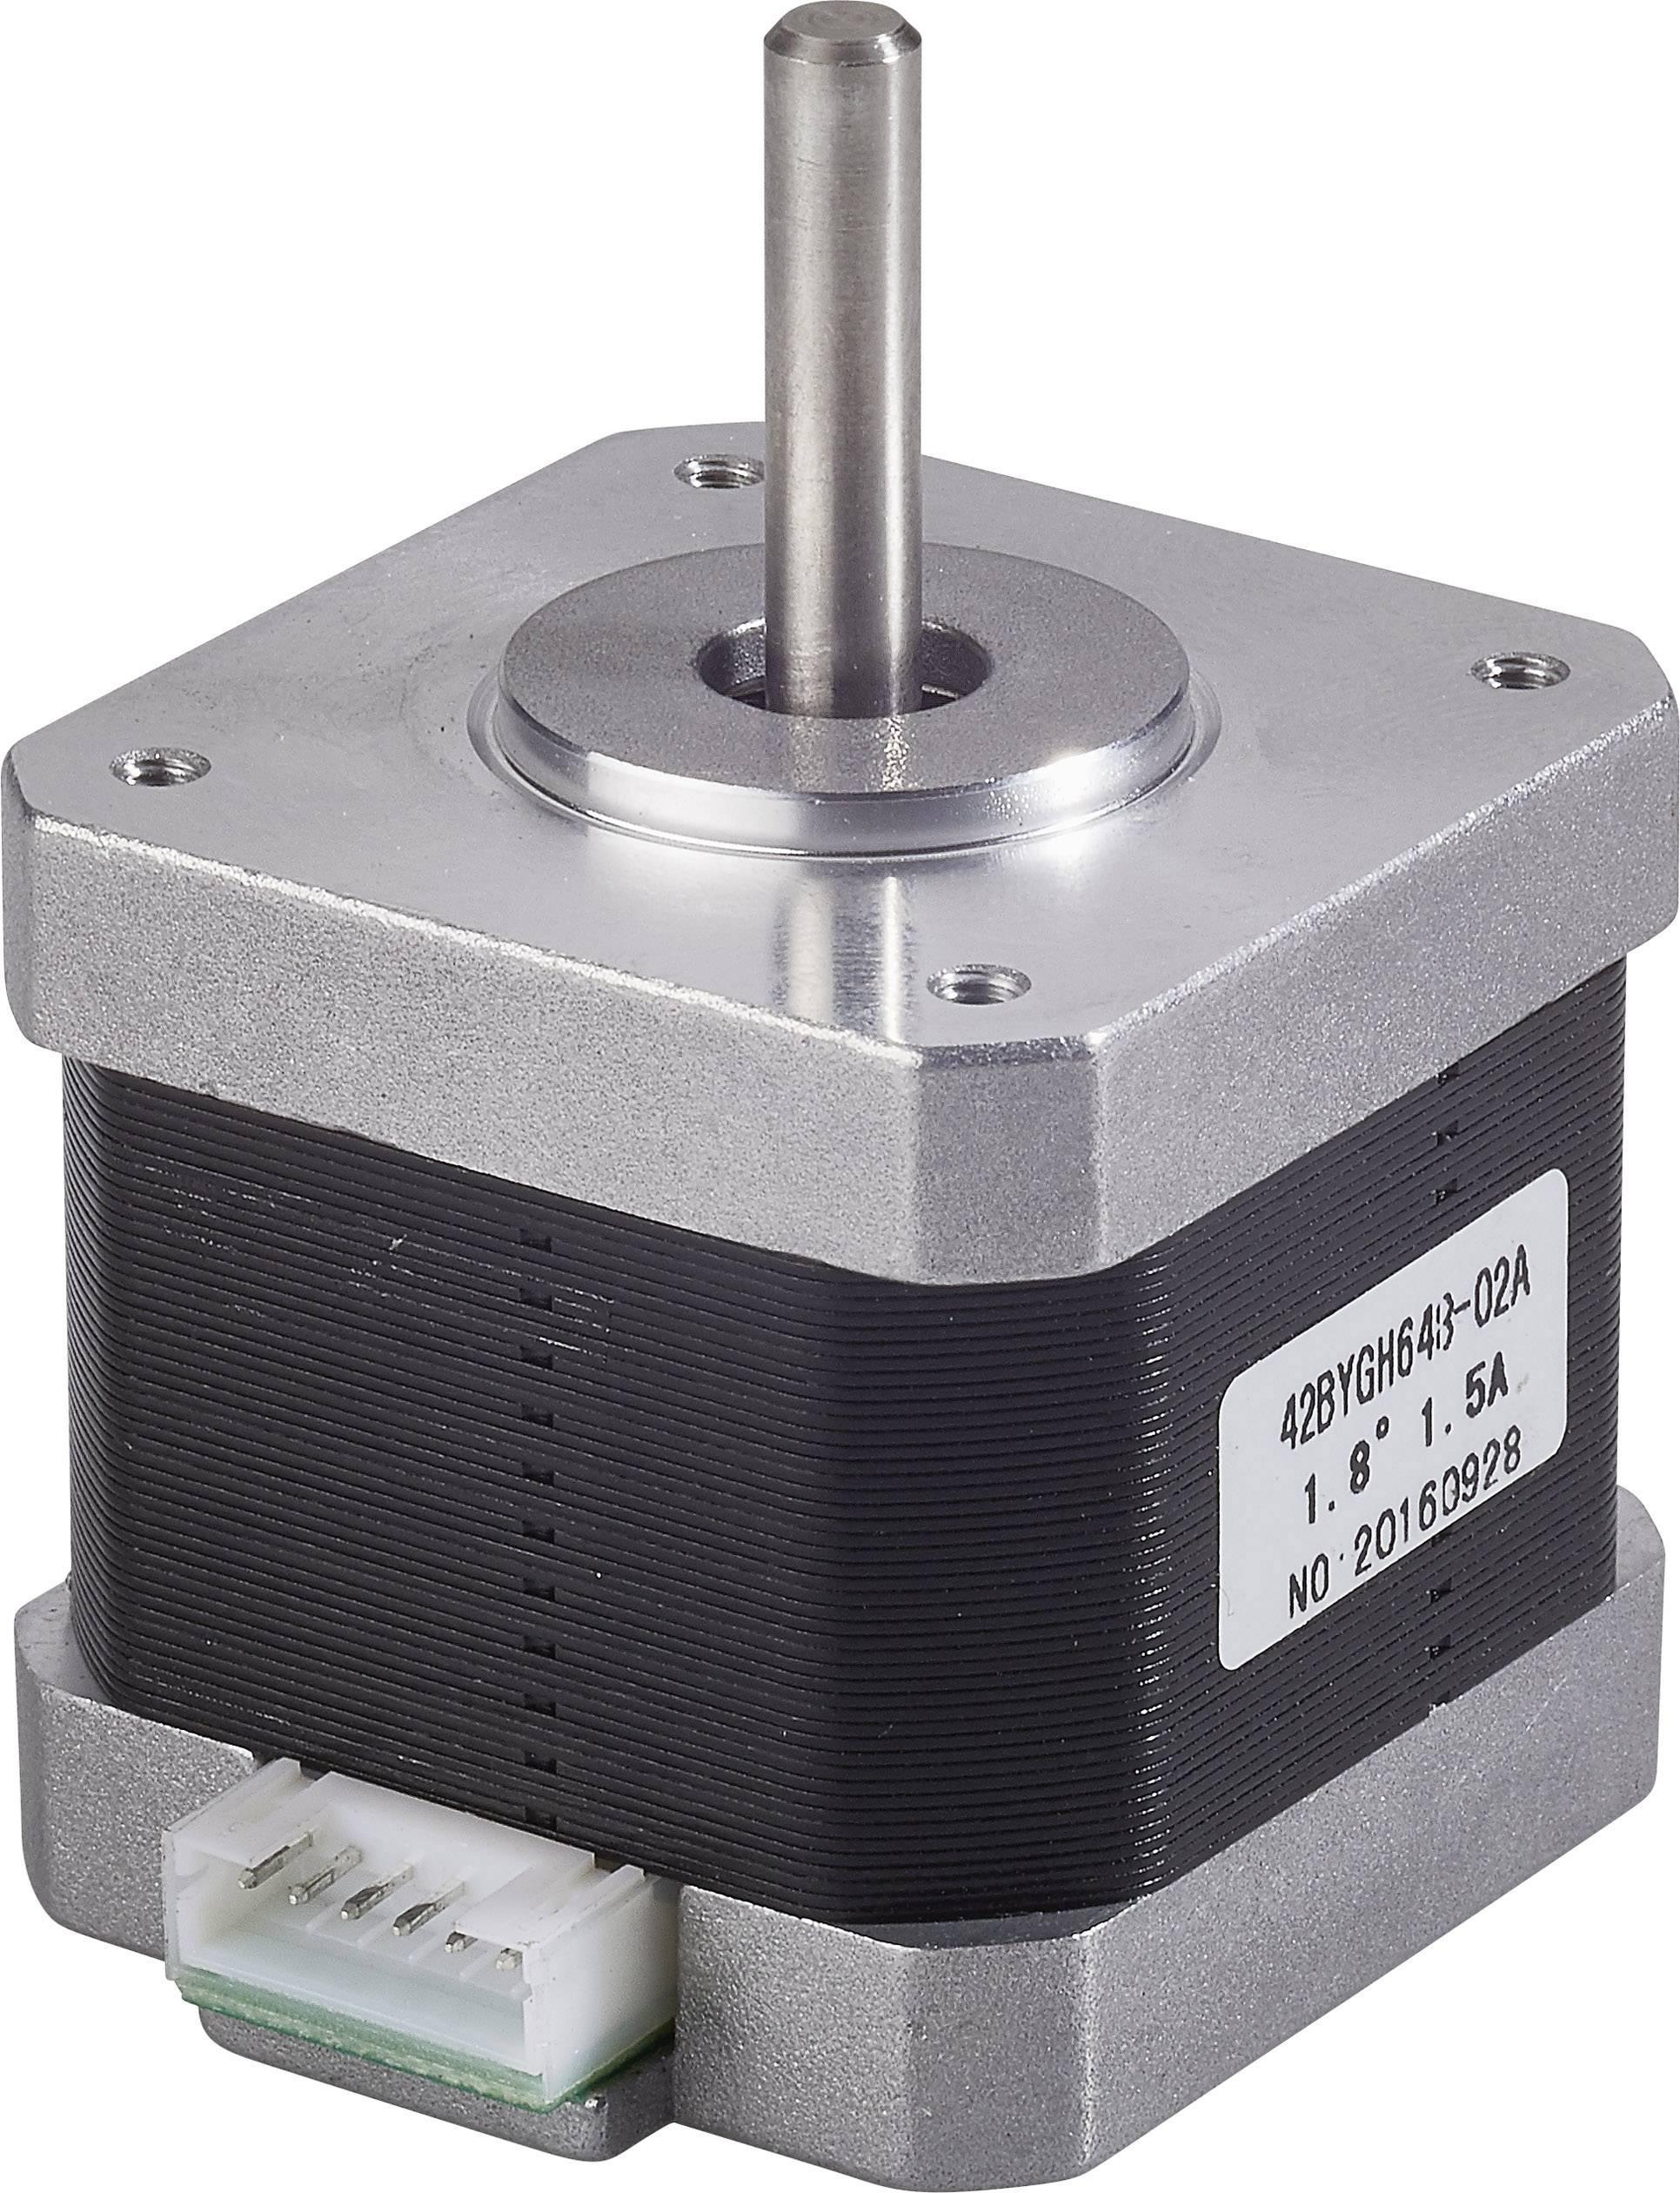 Krokový motor pre osi X a Y vhodné pre 3D tlačiareň renkforce RF100, renkforce RF100 v2, zdokonalená verzia